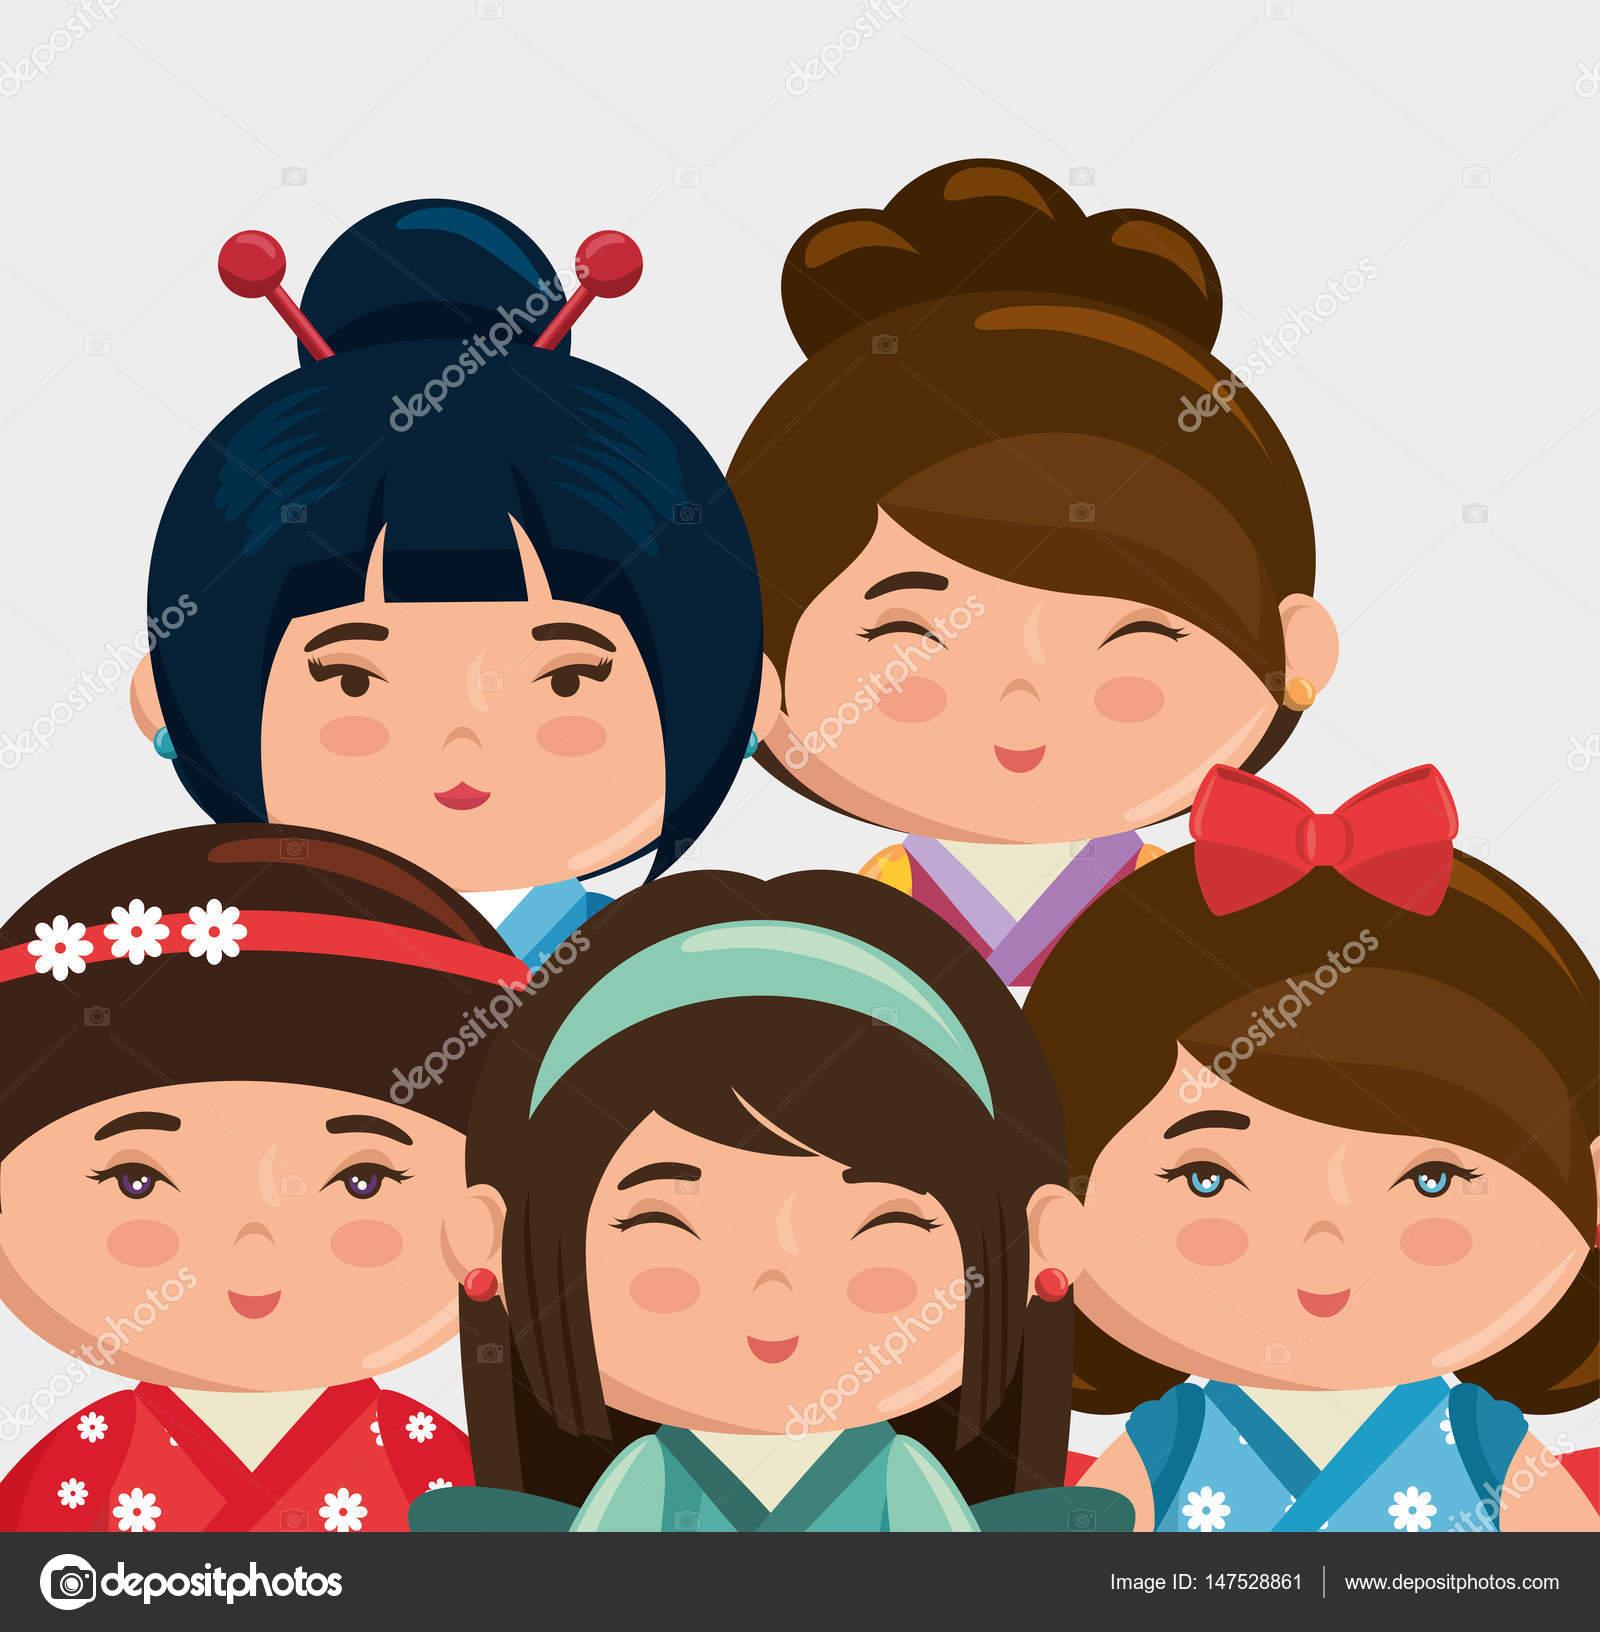 かわいい日本人の女の子がかわいいスタイルをグループ化します